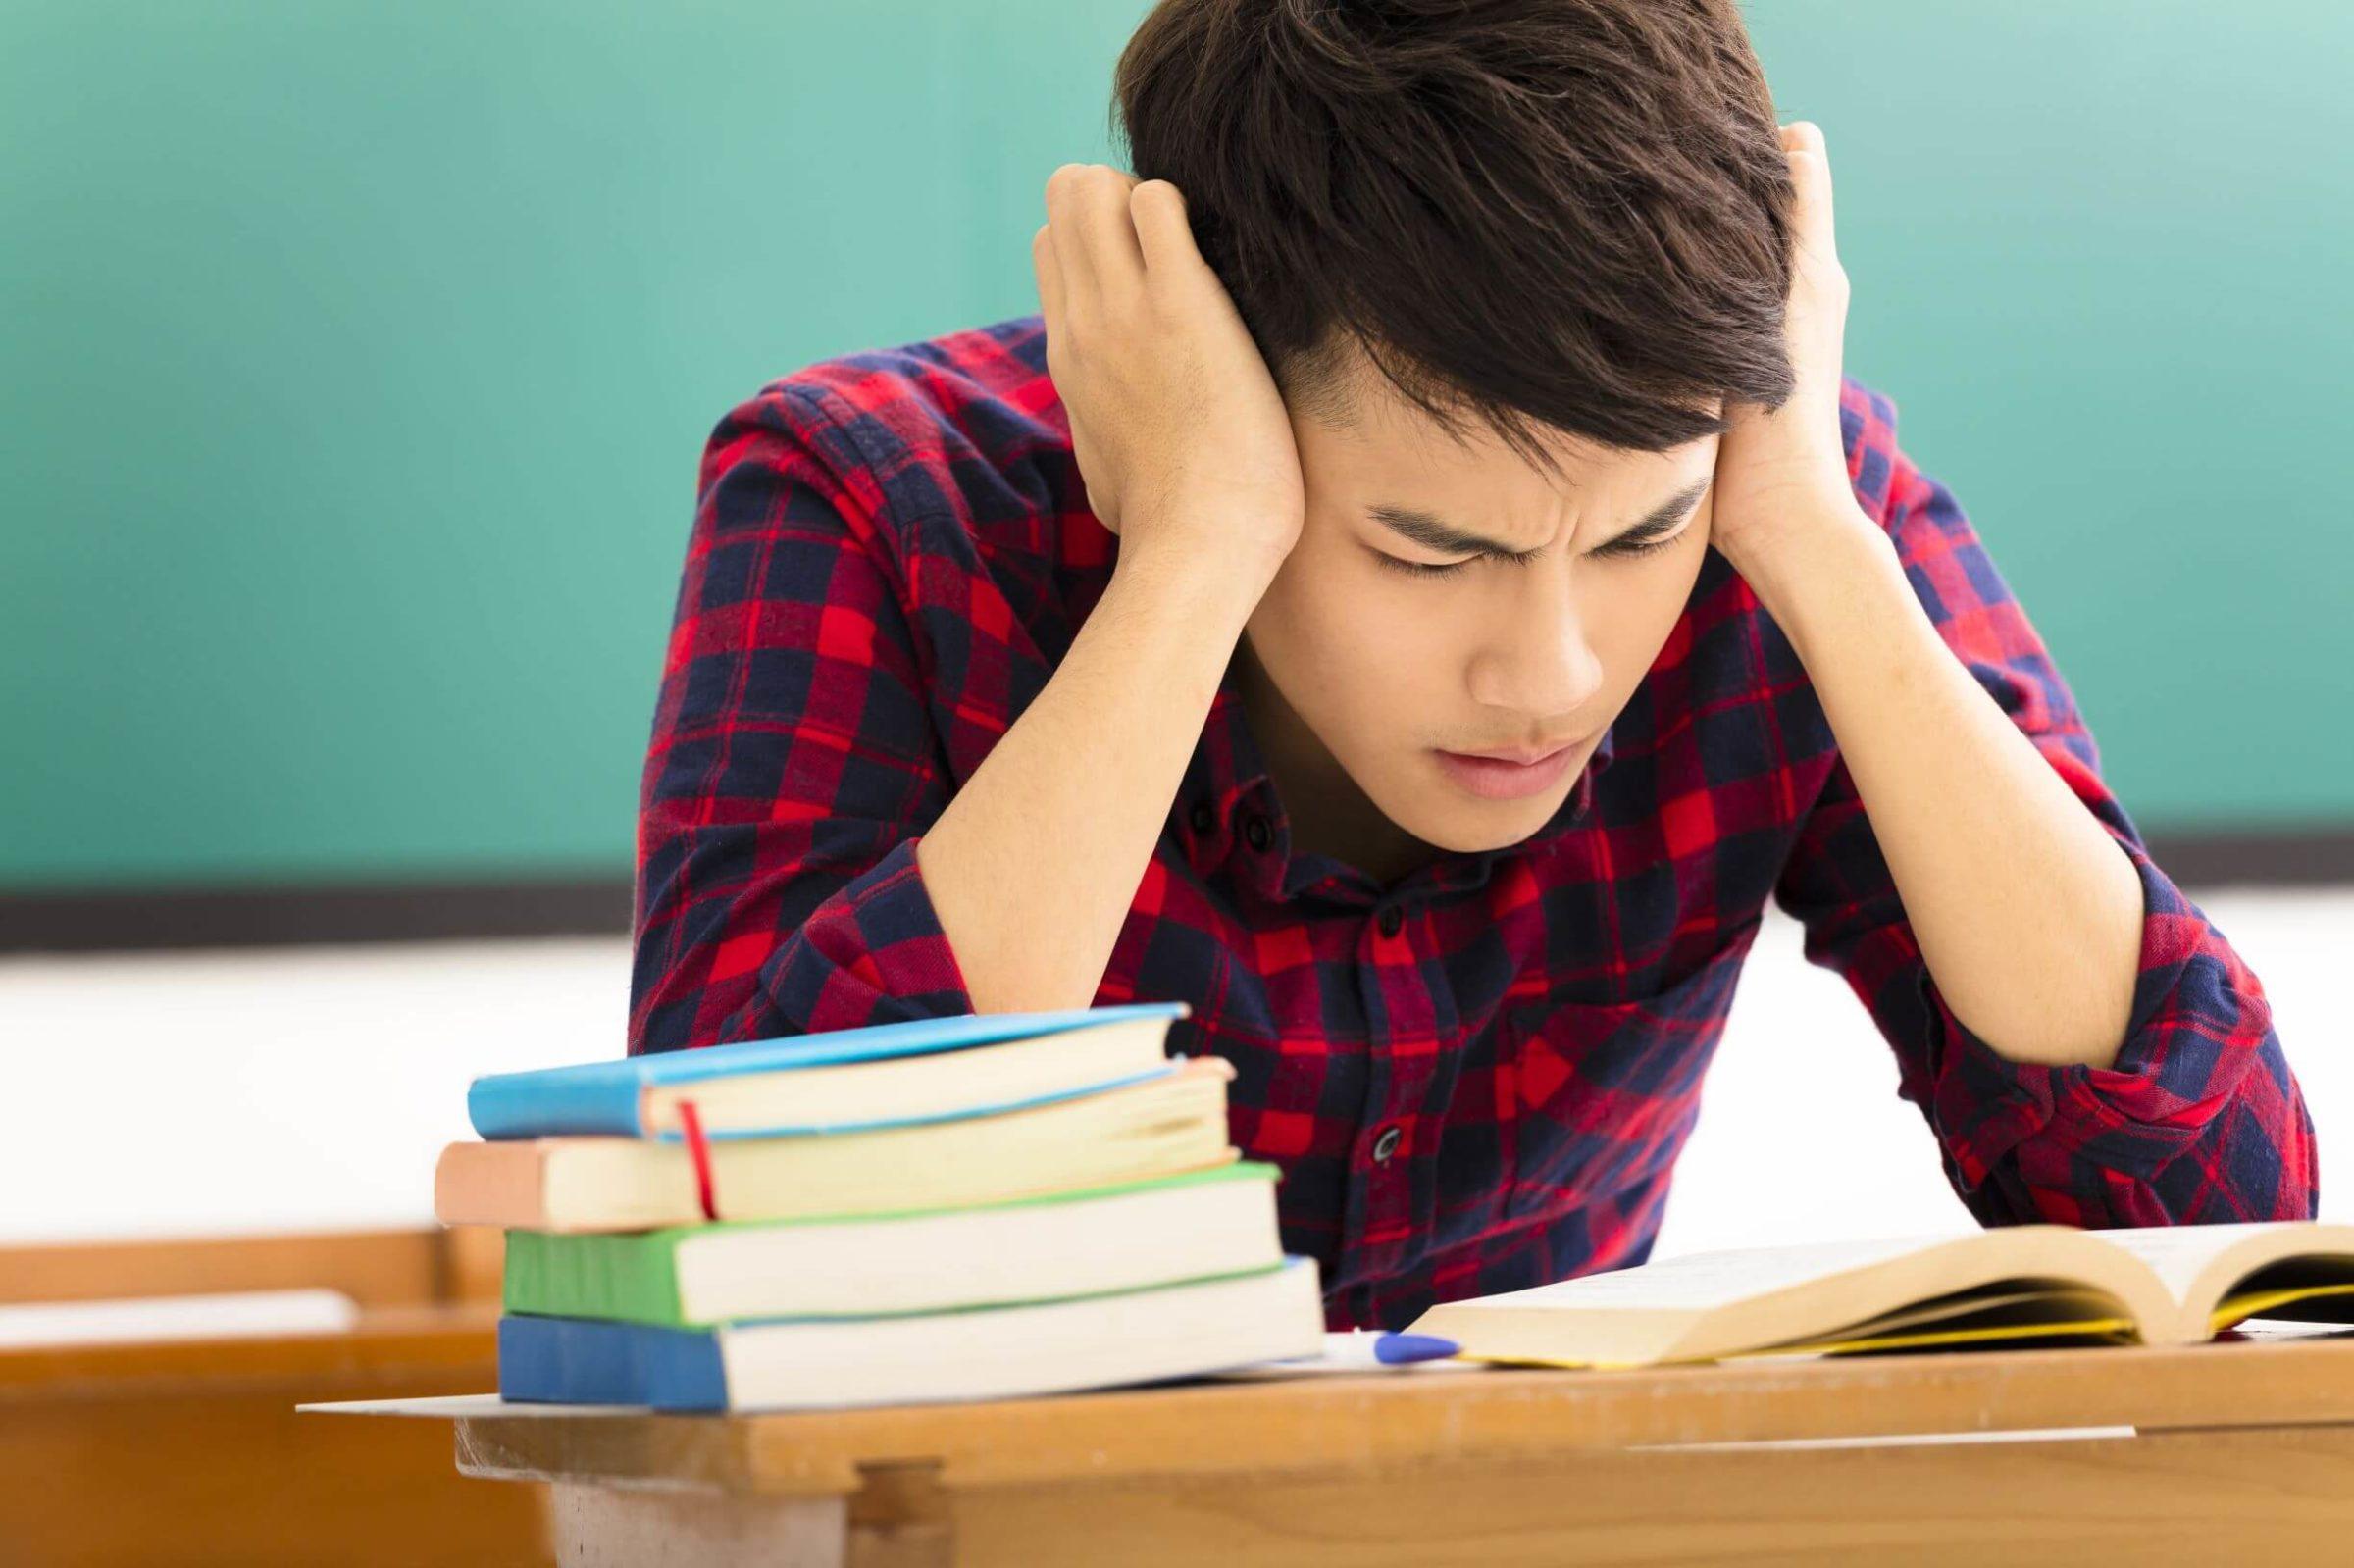 Các bộ đề luyện thi tiếng Anh đại học là công cụ hỗ trợ đắc lực trong quá trình ôn tập cho kỳ thi THPT Quốc gia